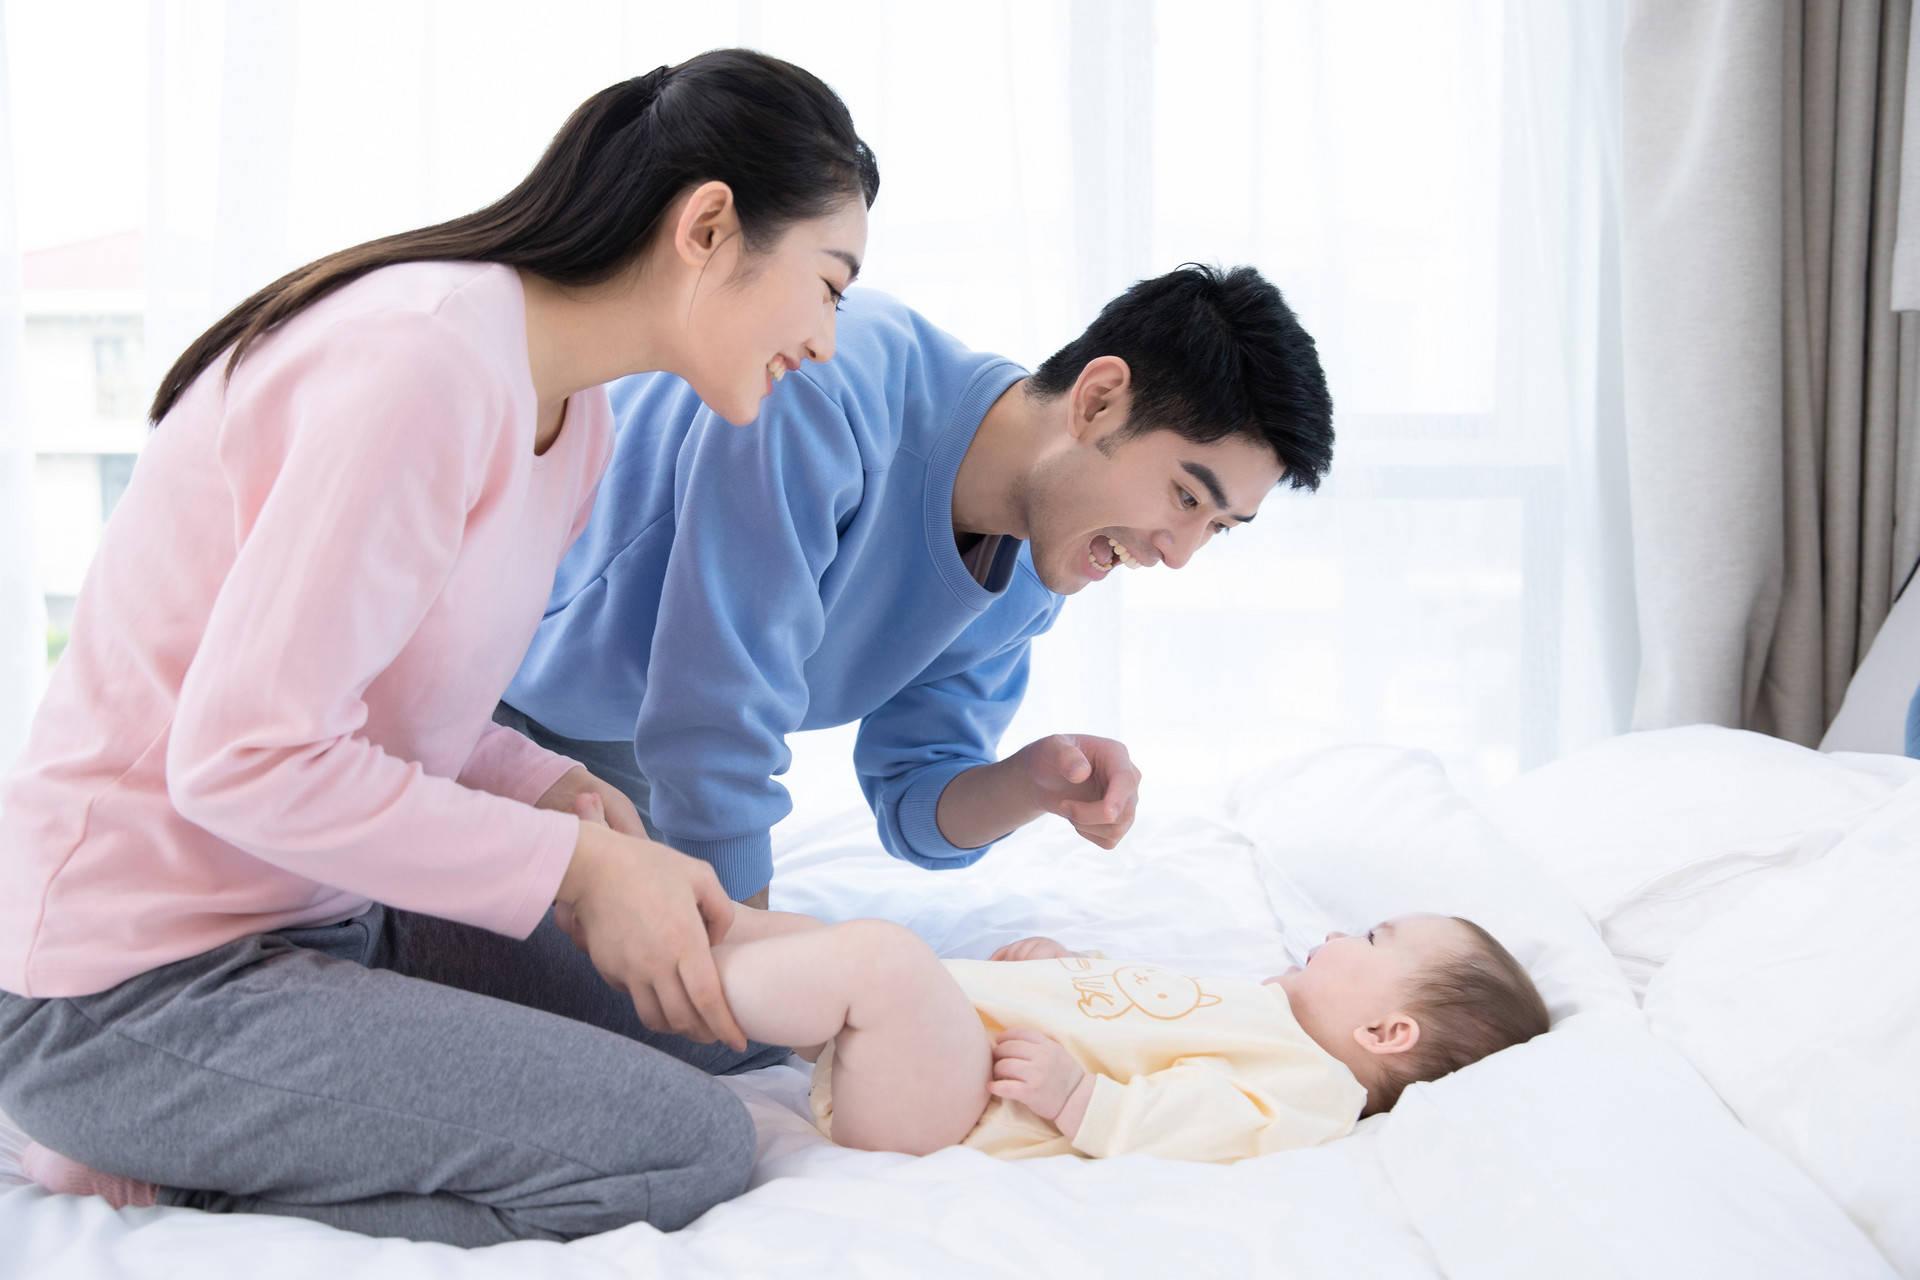 """""""吃醋宝宝""""火了,看到父母亲近哭着打爸爸,网友:生了个情敌"""